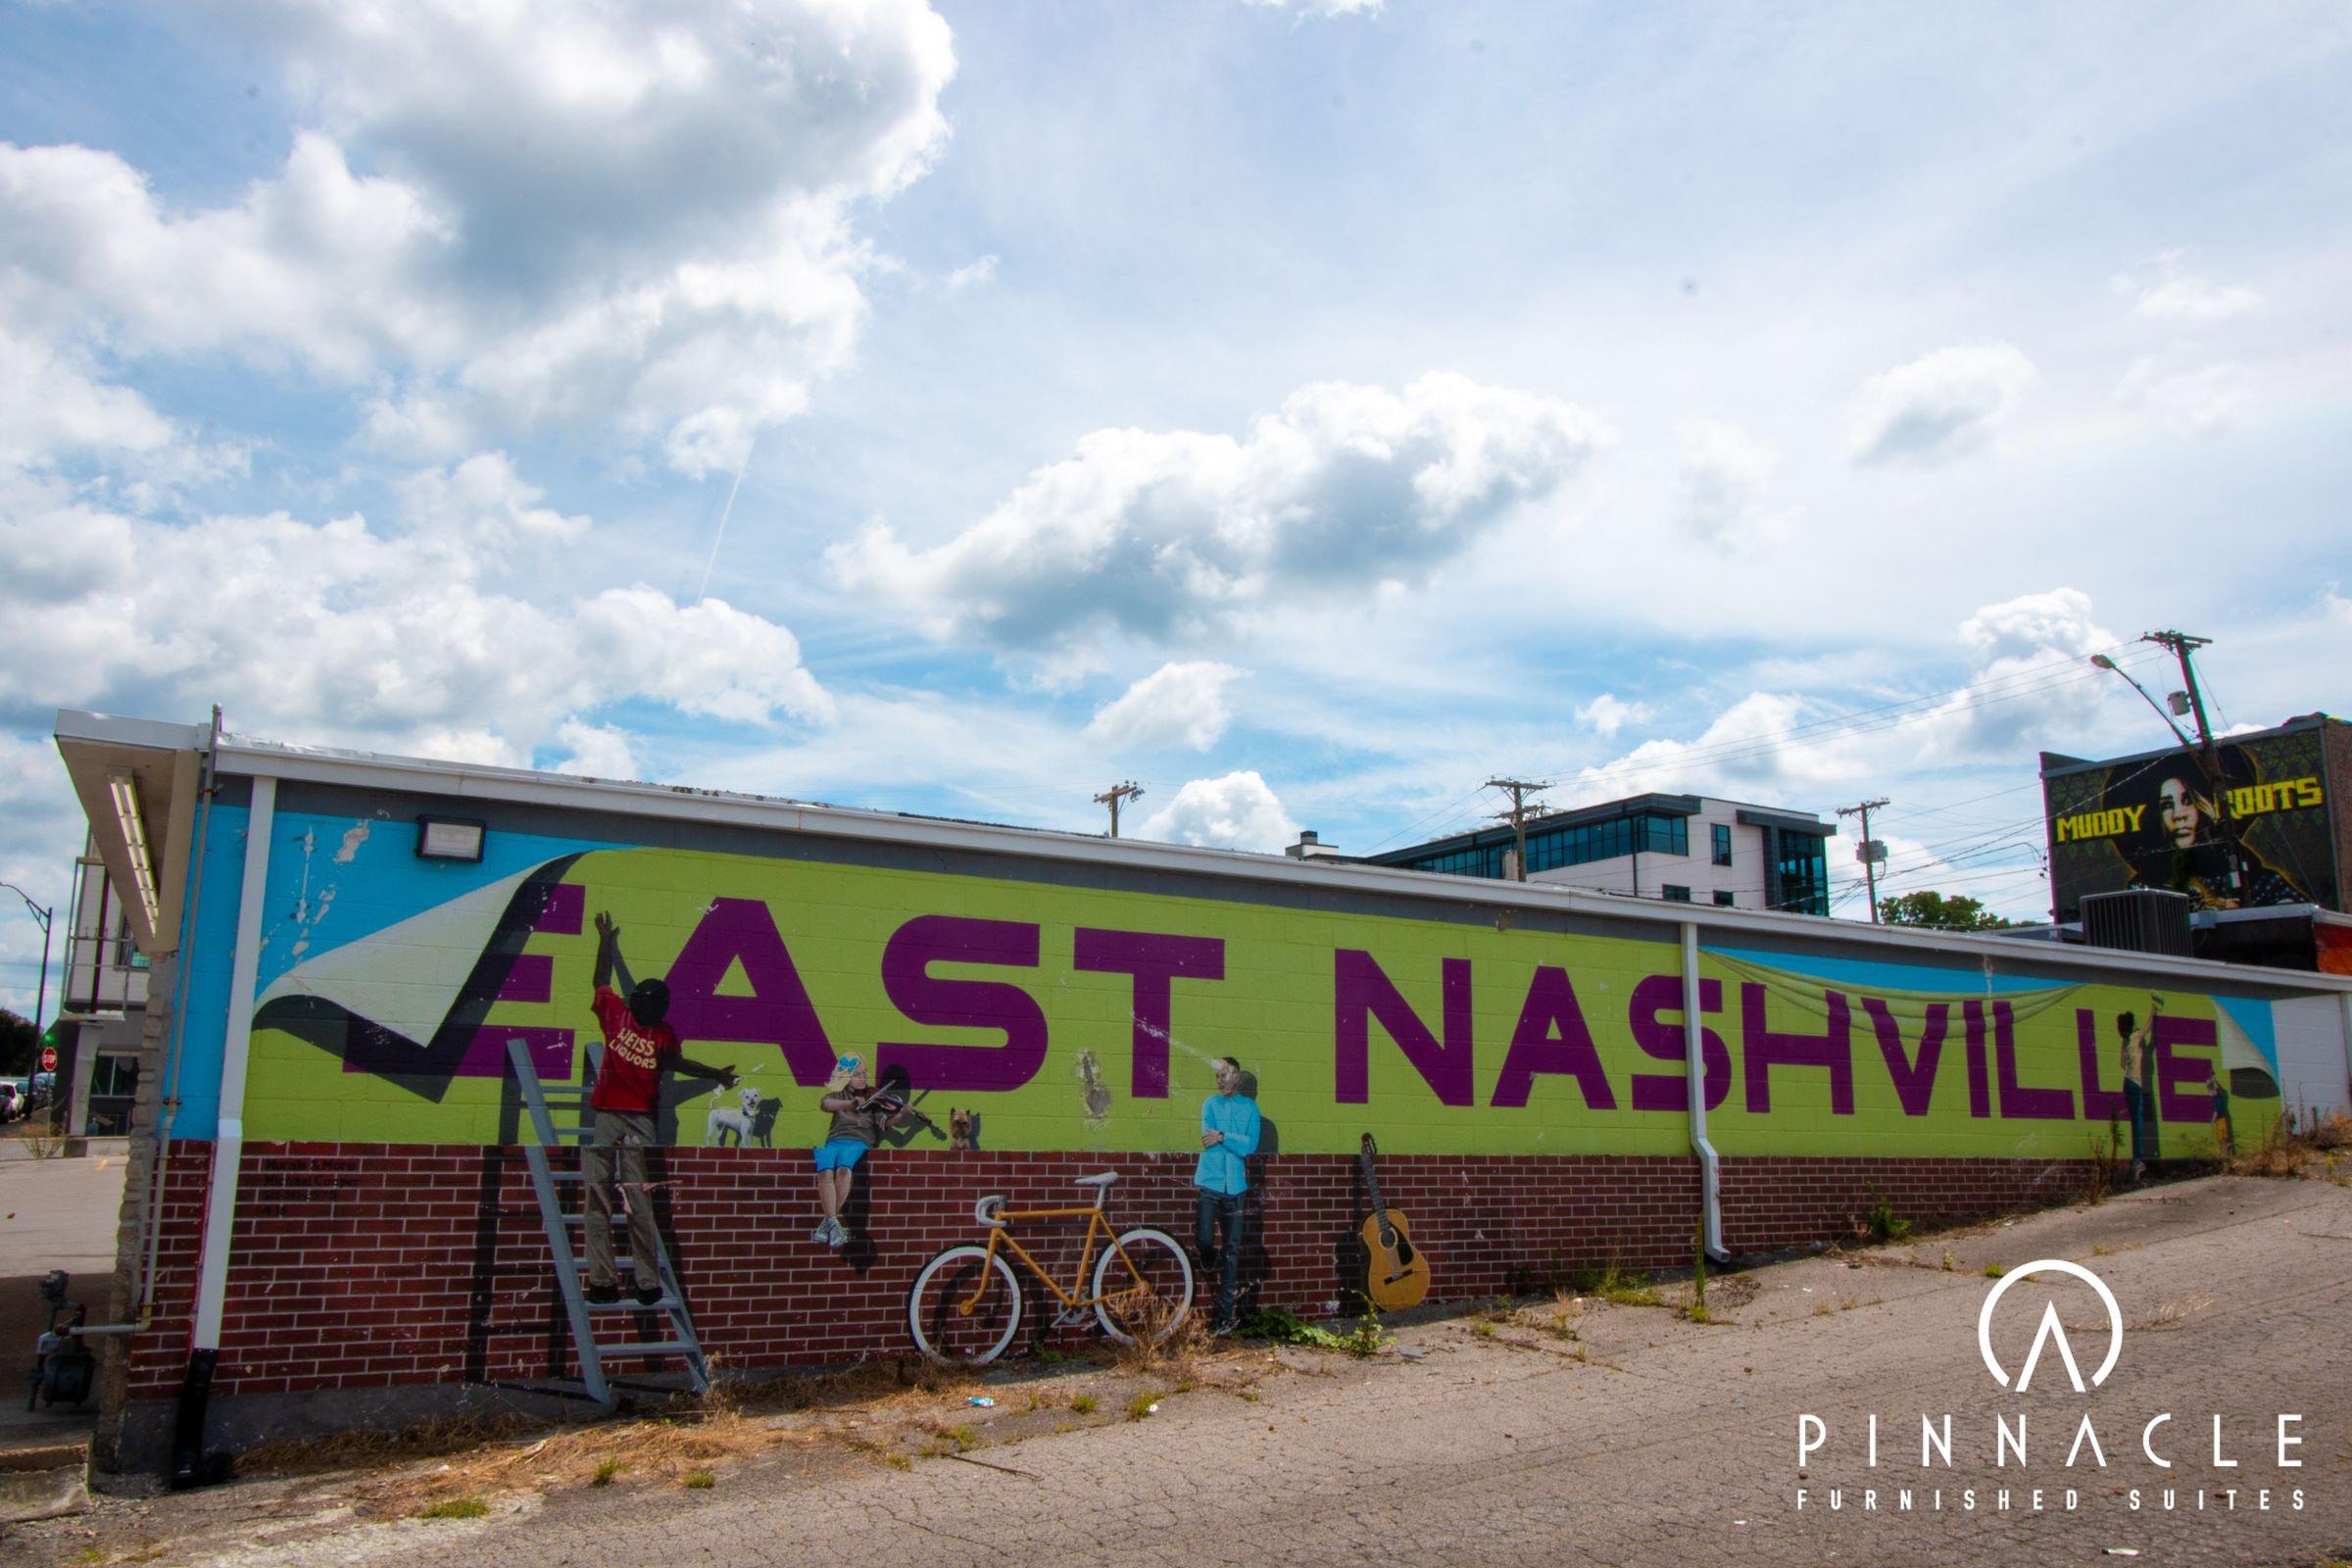 East Nashville